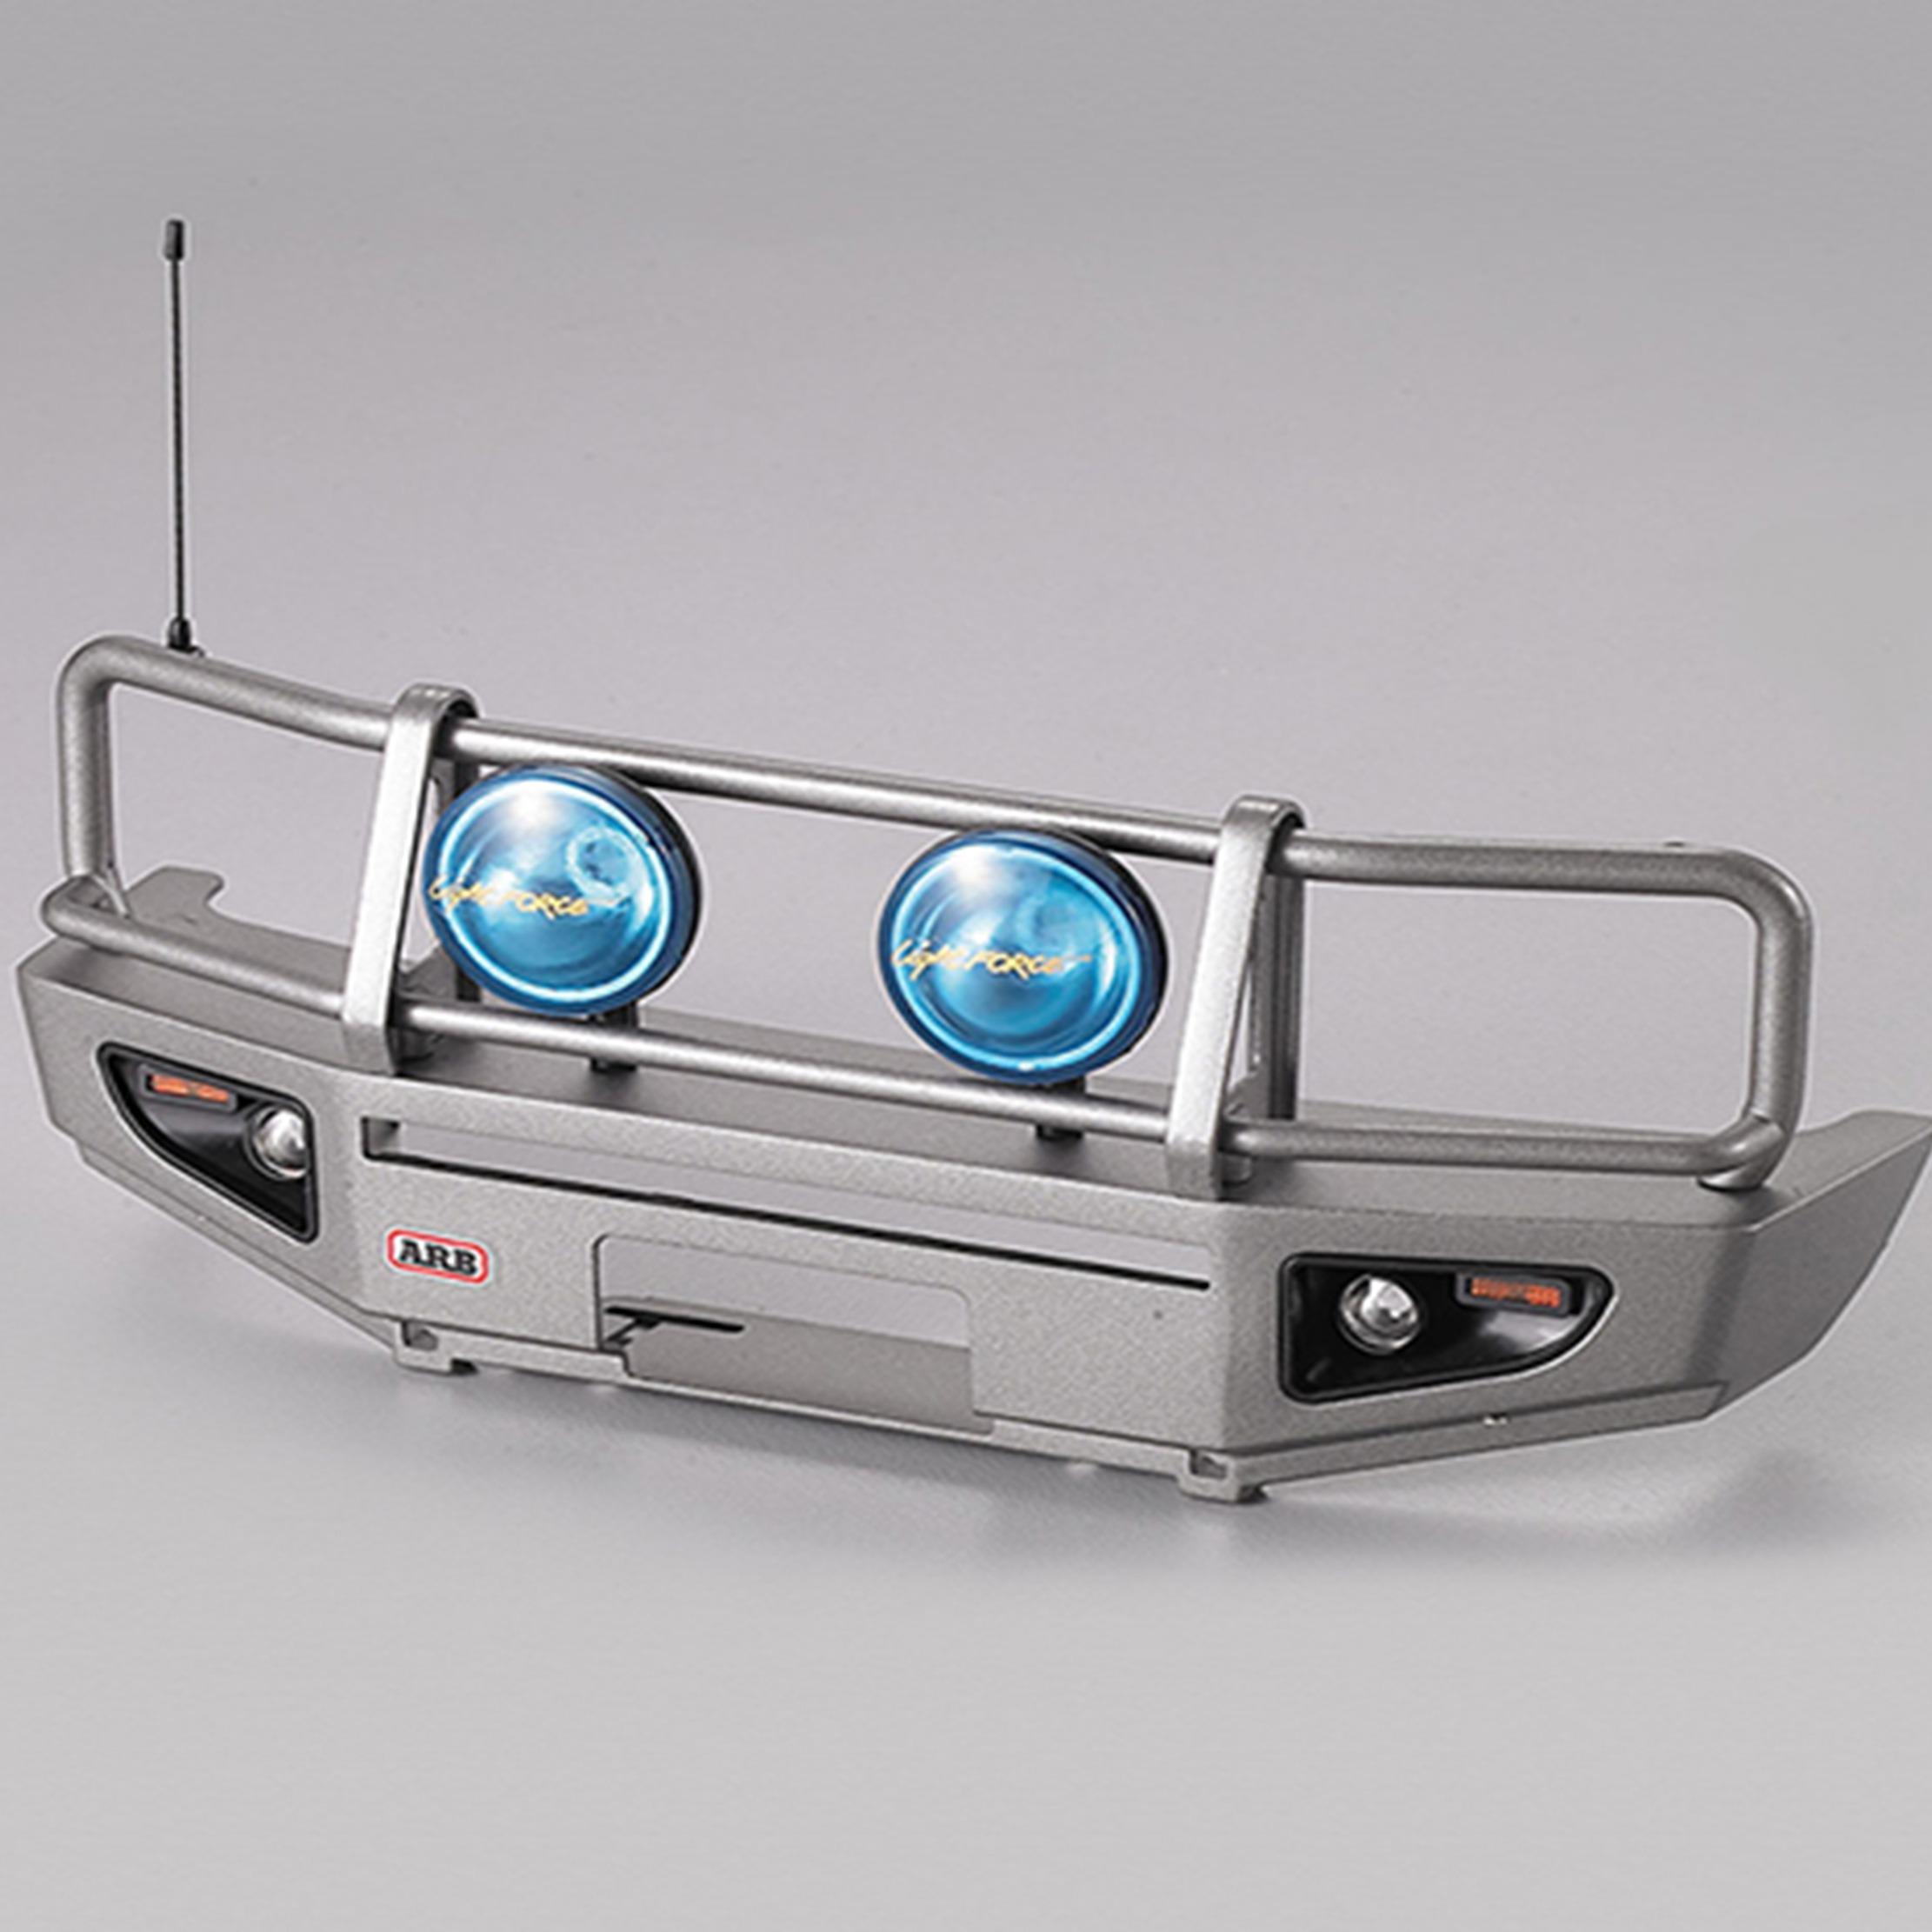 Repuesto Parachoques delantero con faros LED aluminio plateado para camión 1/10